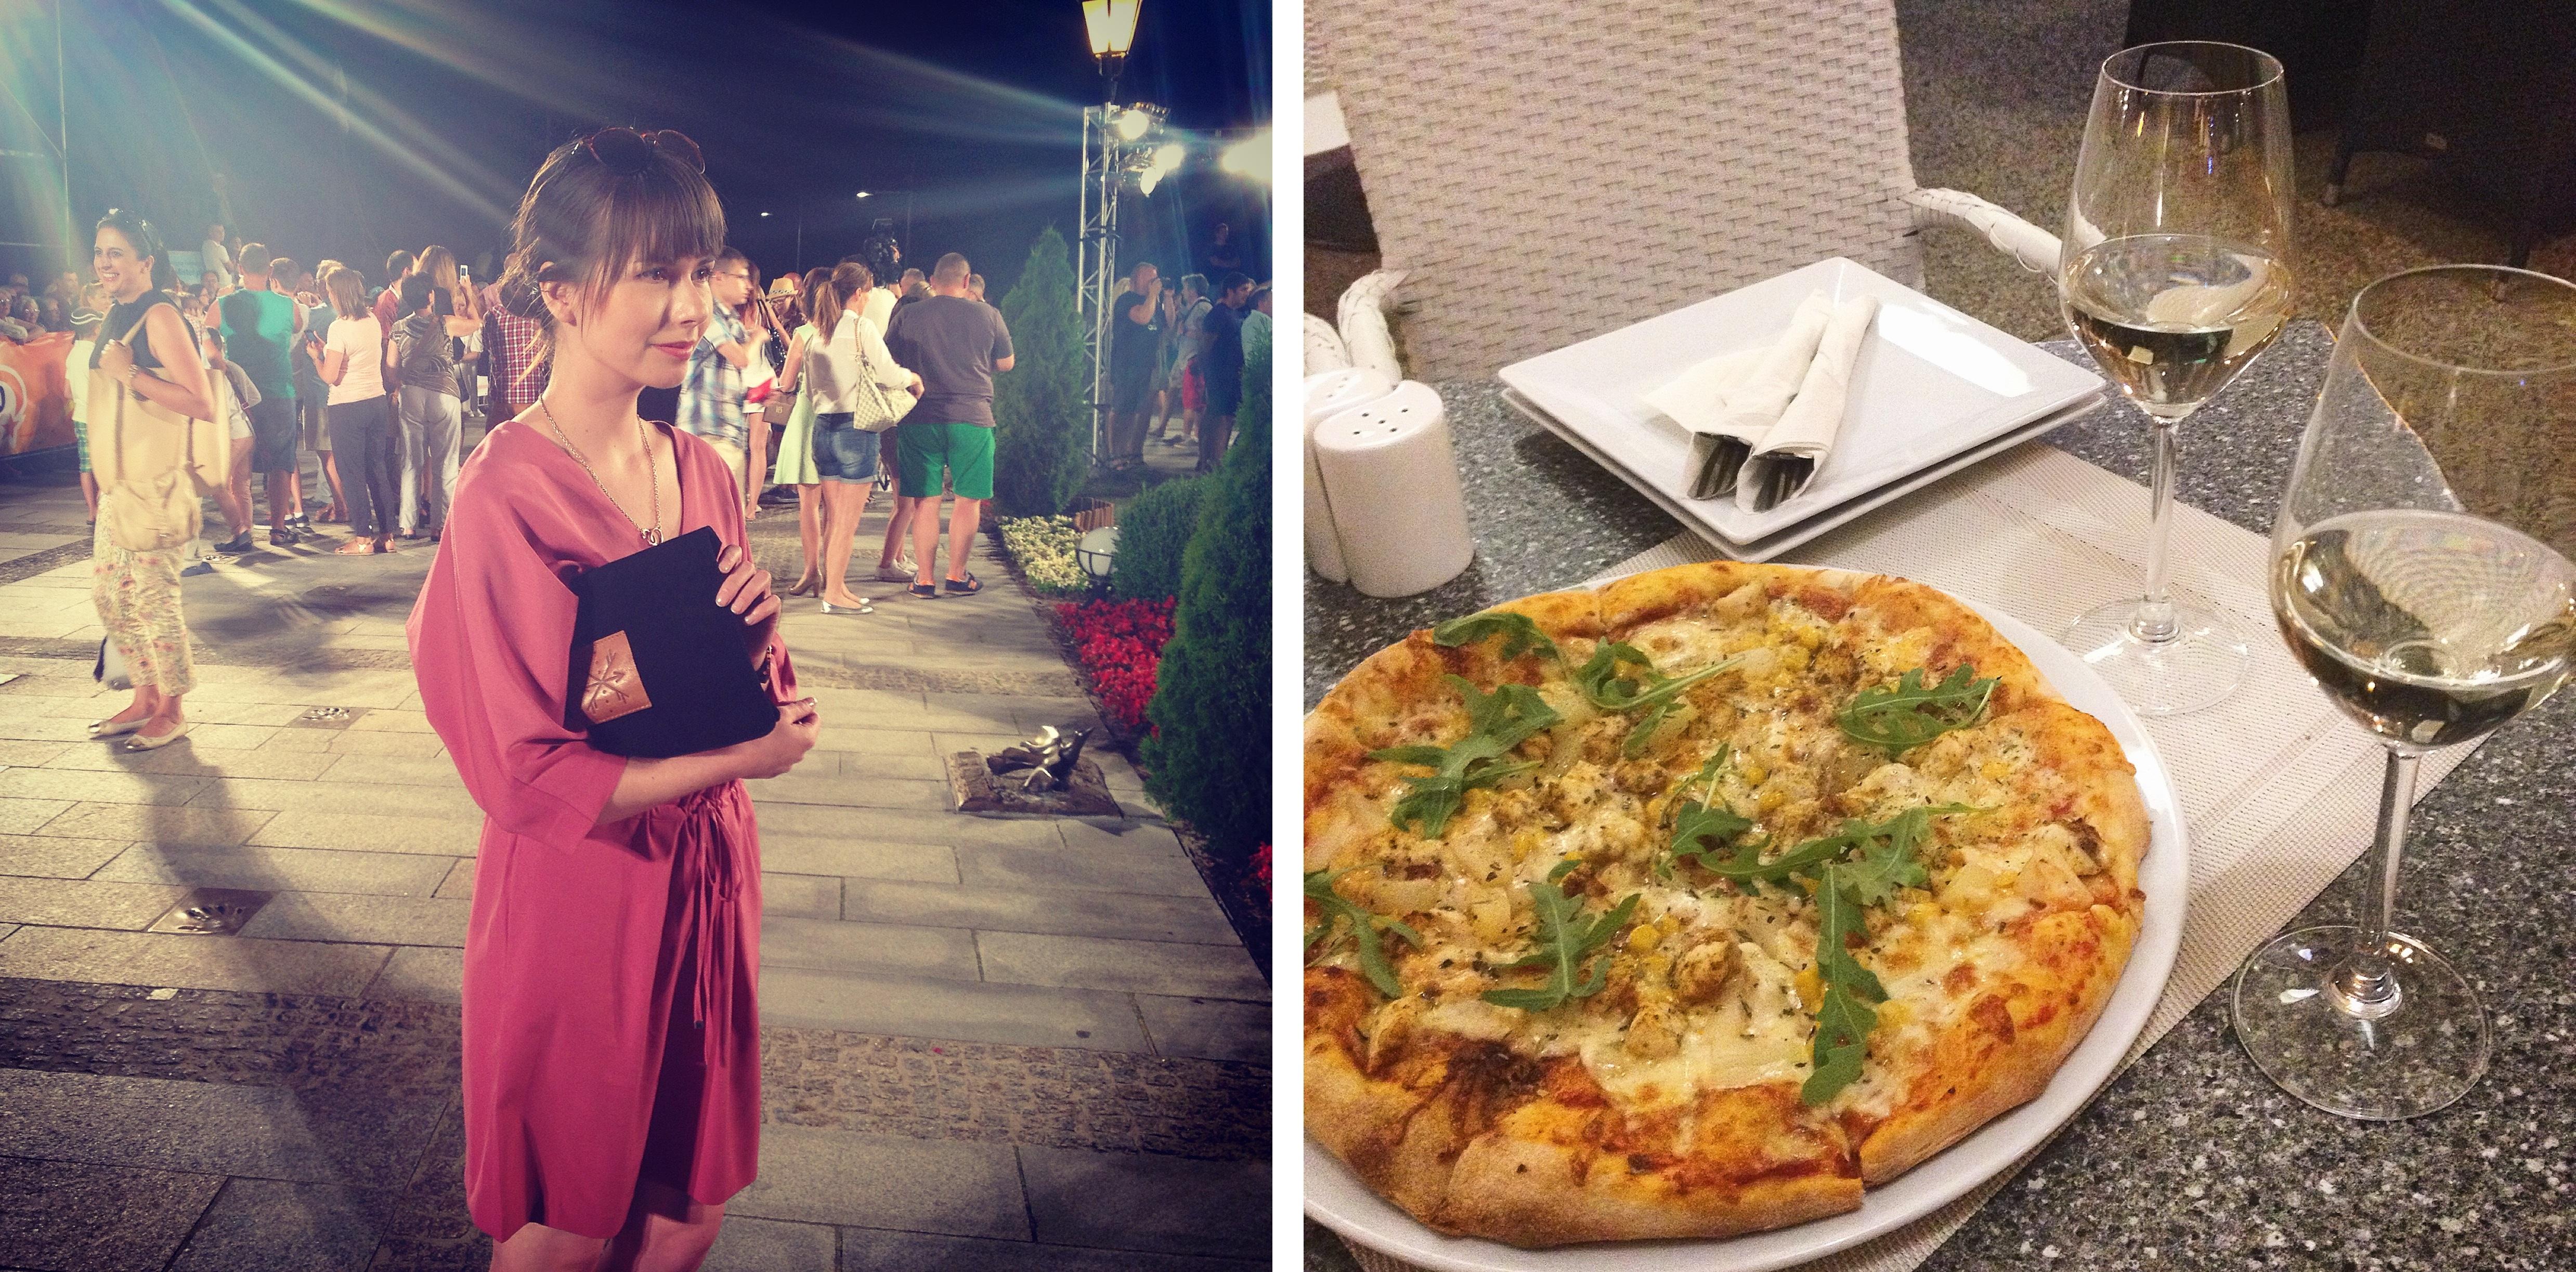 Instagram mix międzyzdroje - pizza i stylizacja z gali